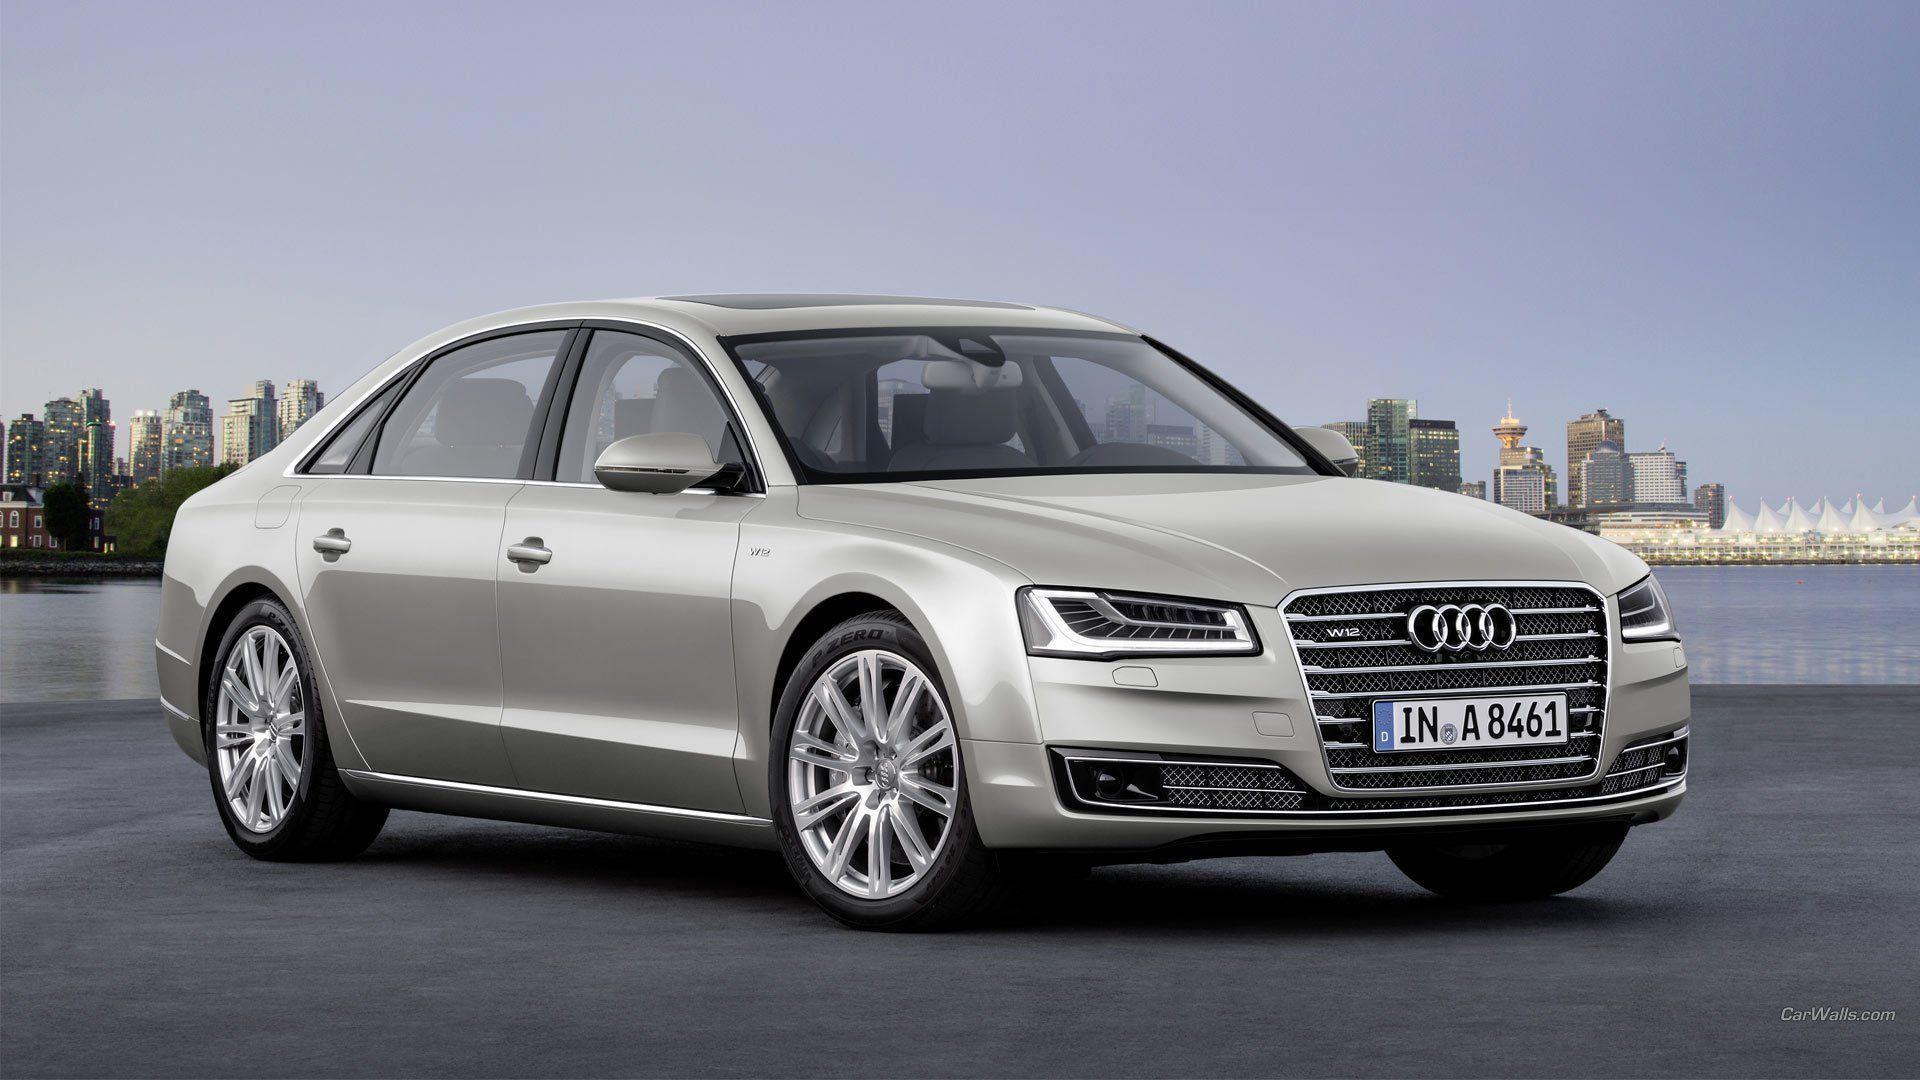 Audi A8 Wallpapers Wallpaper Cave